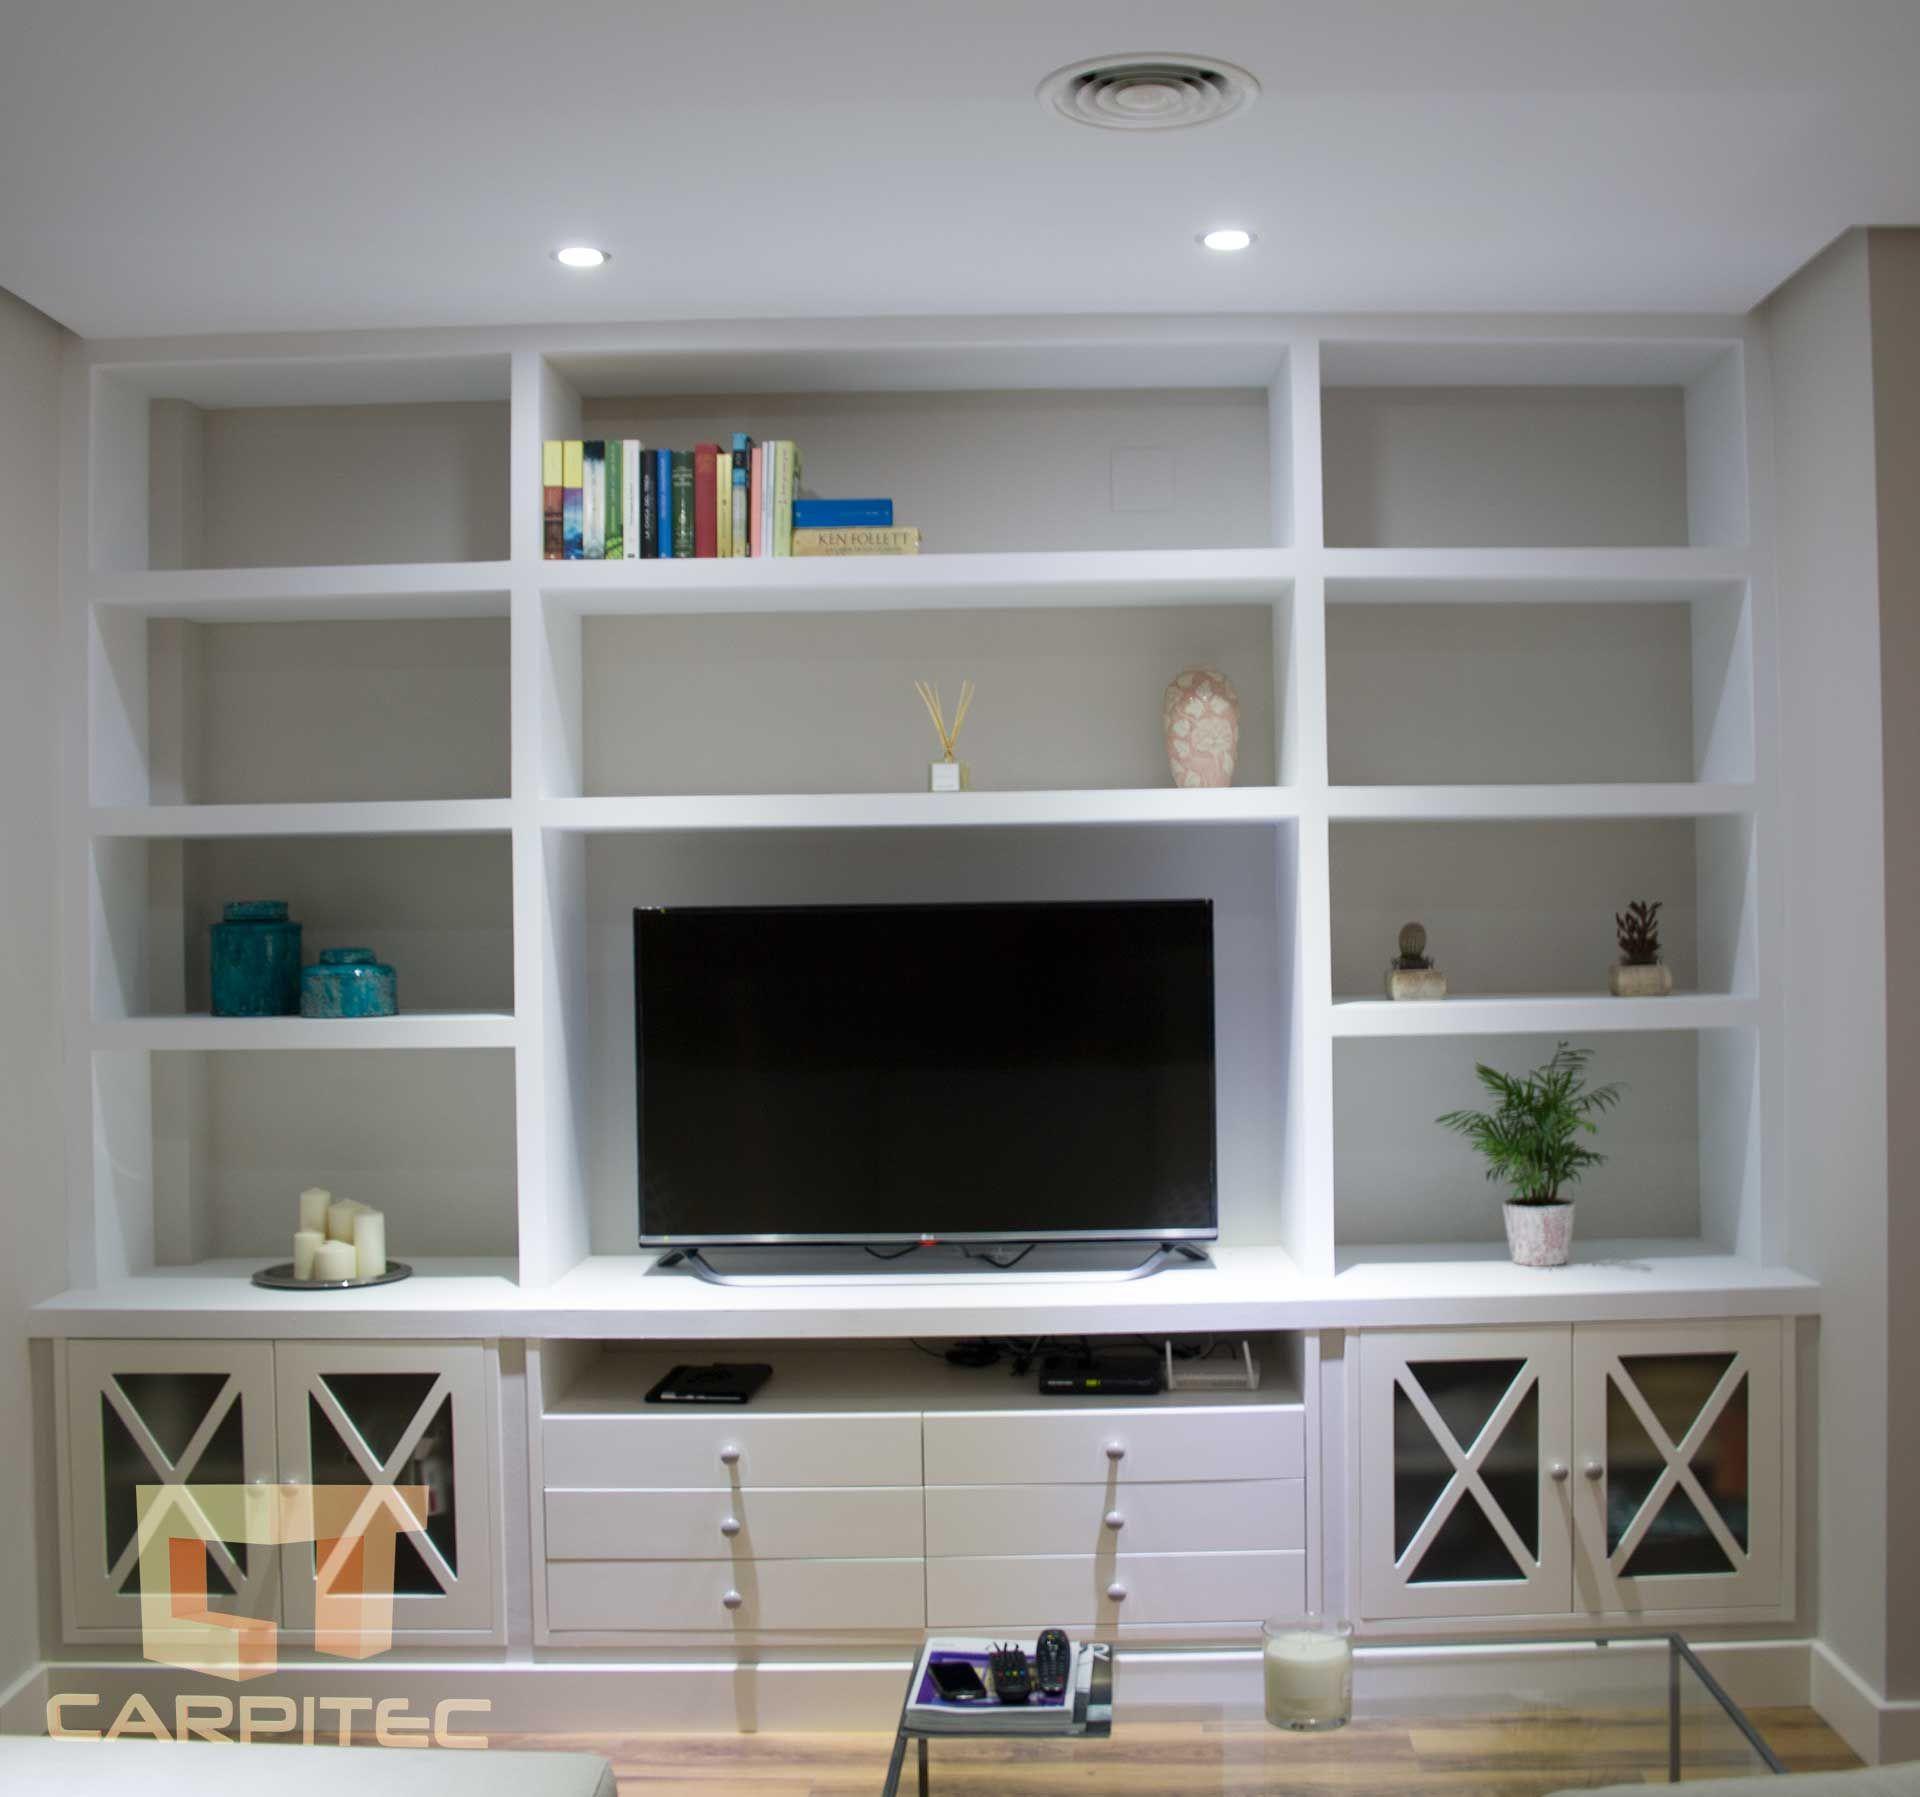 Muebles Lacados Blanco Para Salon.Salon Lacado En Blanco Con Muebles De Pladur Y Madera En